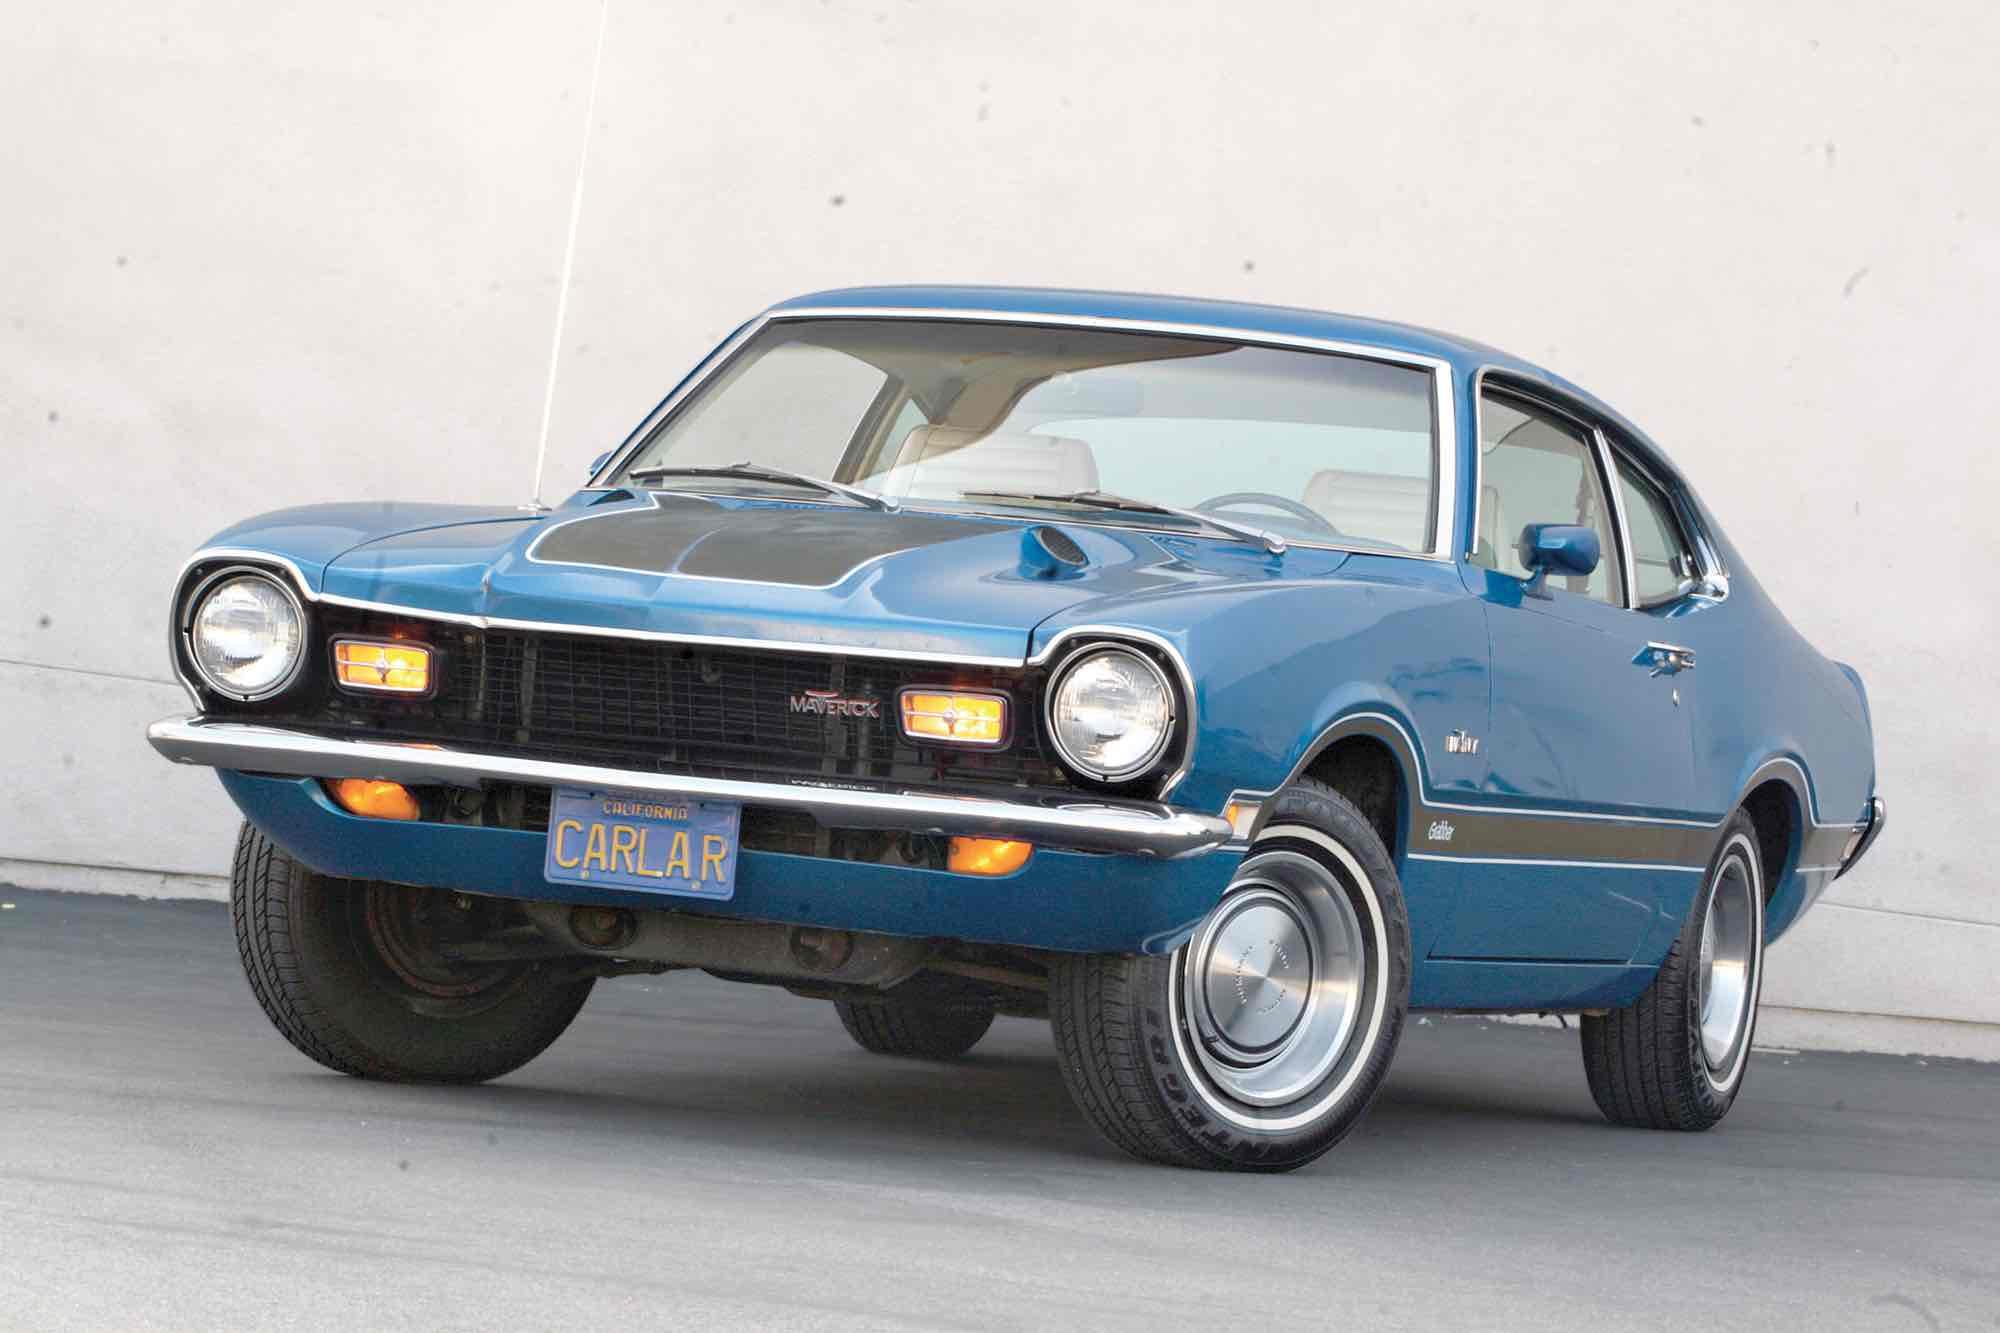 Ford Maverick: El rival del Mustang